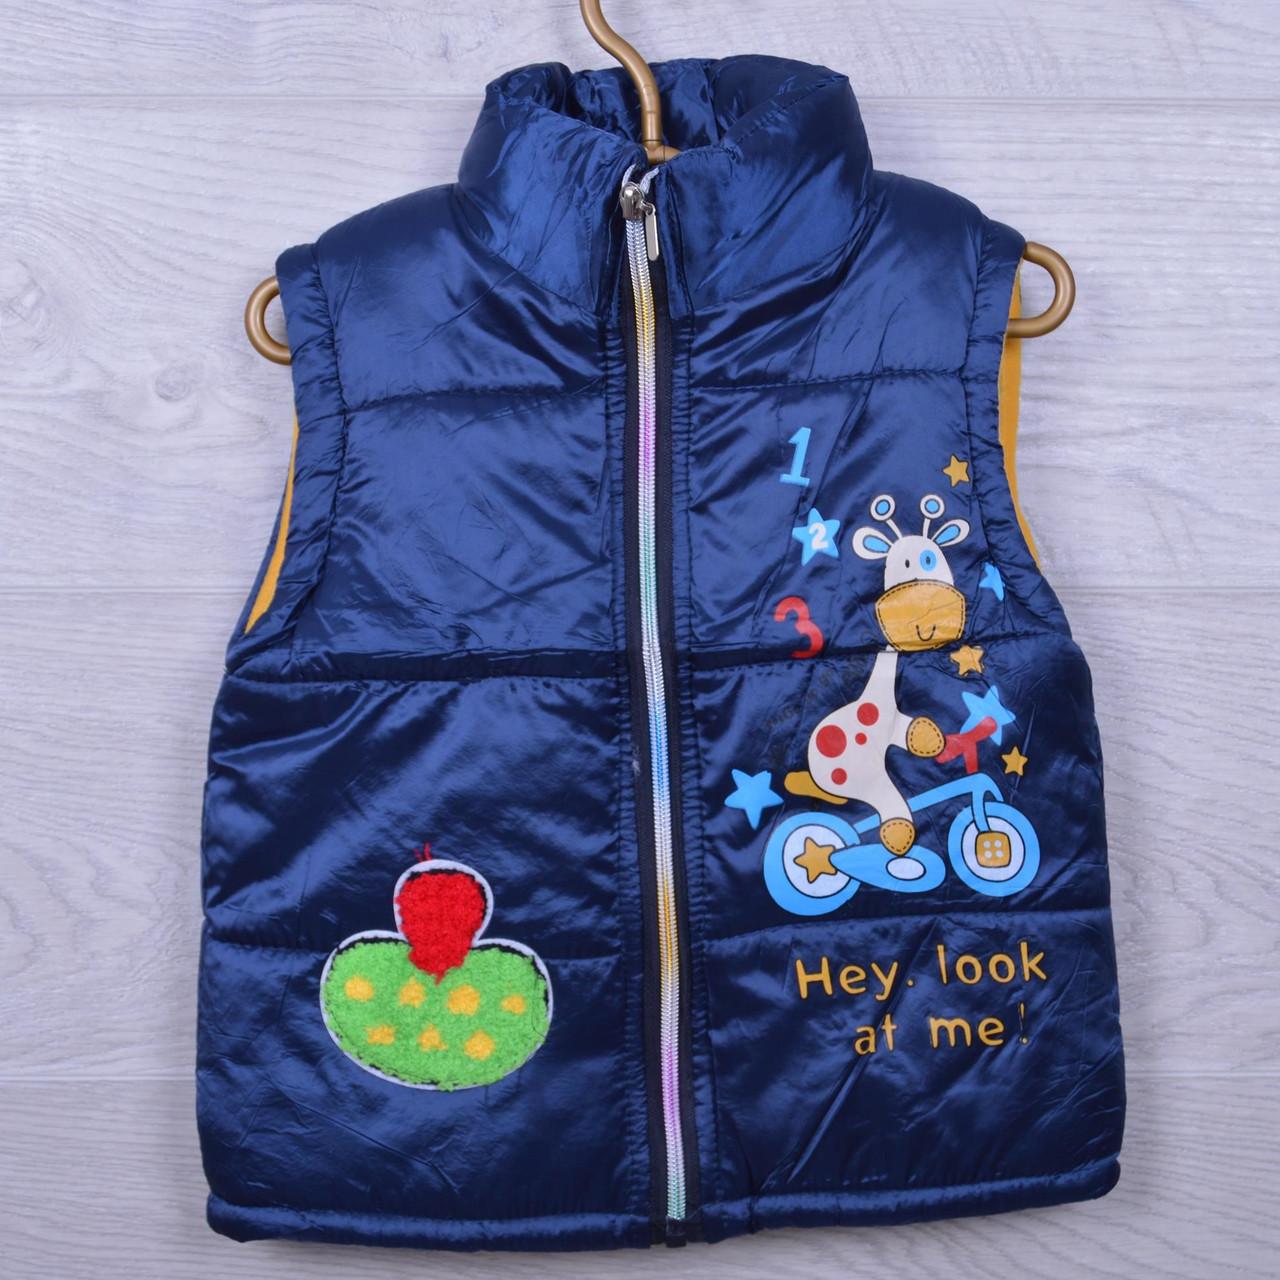 Детская демисезонная жилетка Коровка #S1752 для девочек. 3-5 лет. Темный электрик. Оптом.